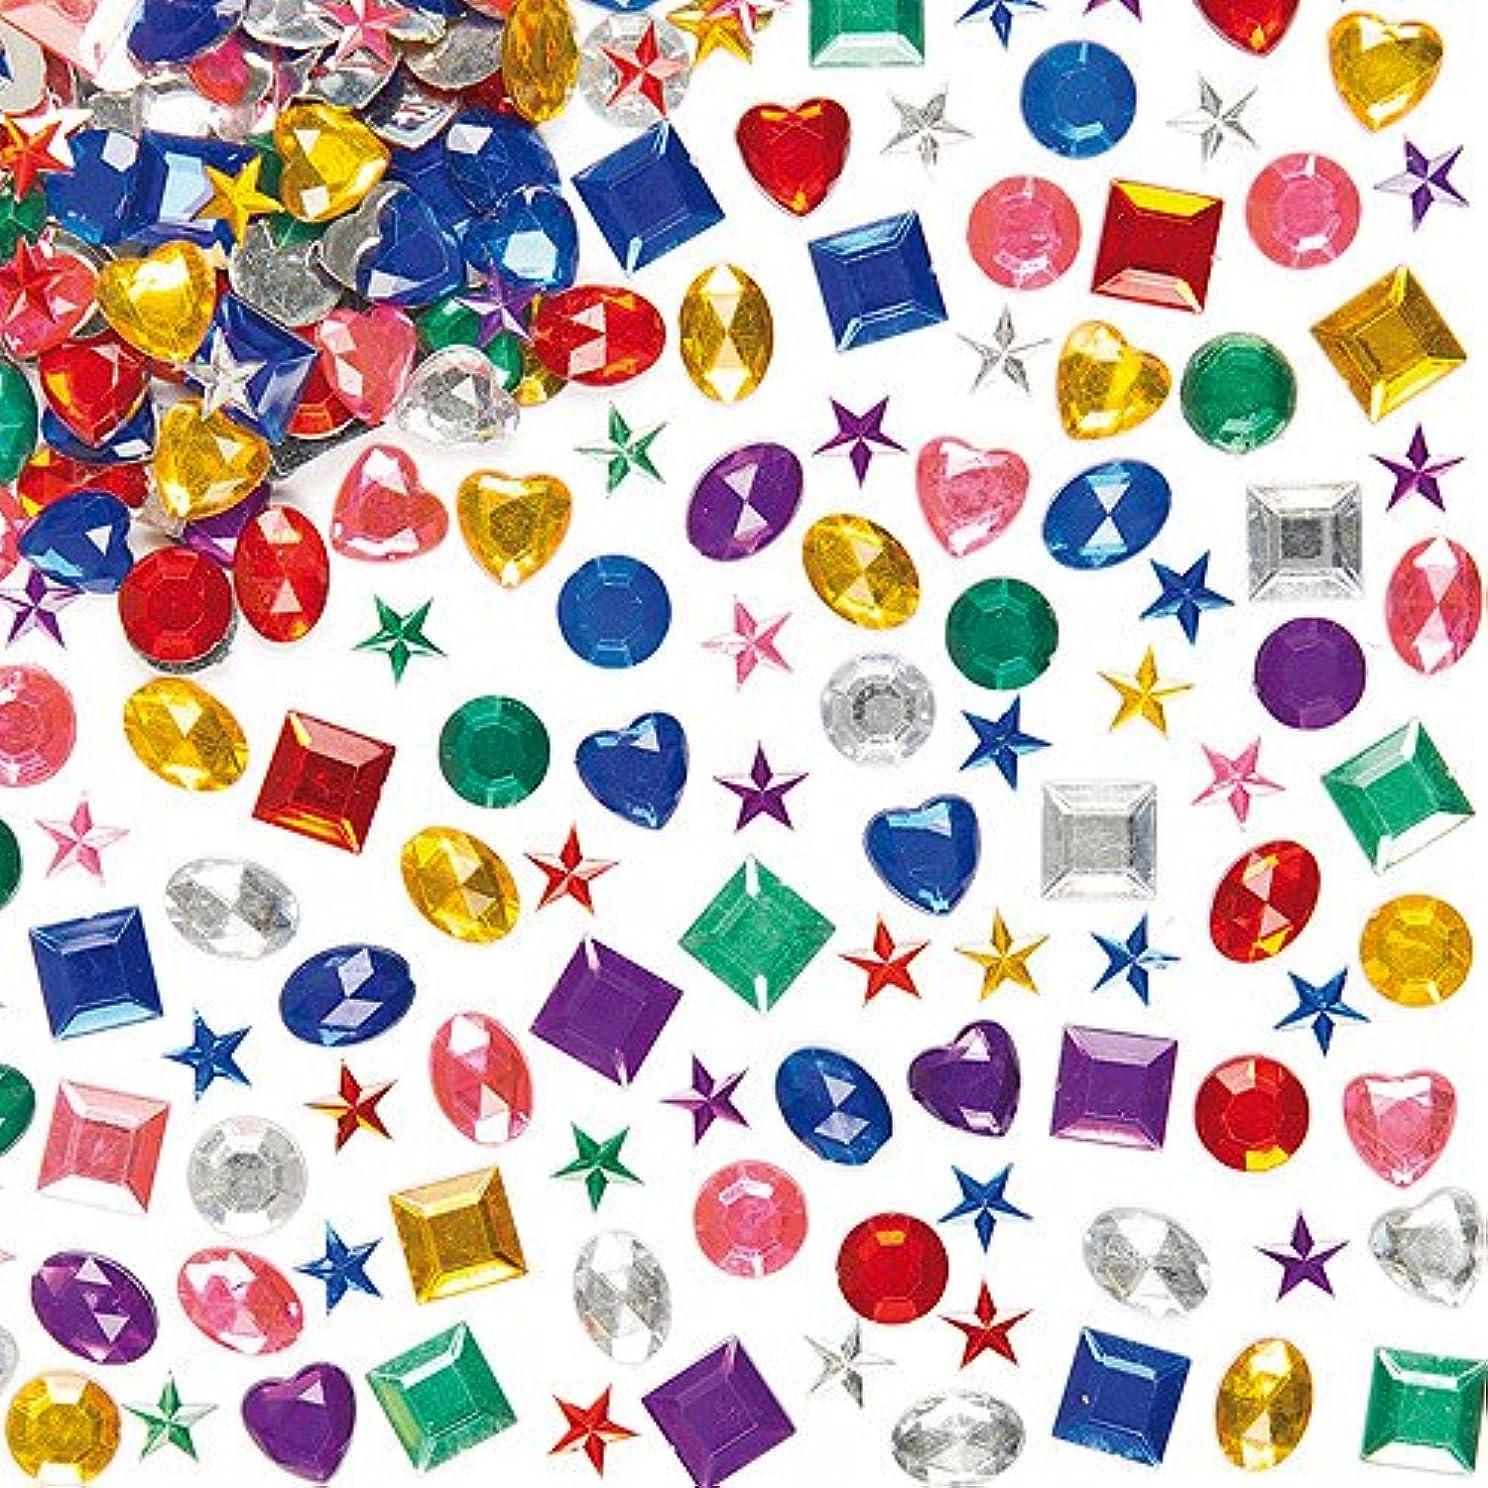 アリショッキング準拠アクリルラインストーン バリューパック(1000個入り)母の日やバレンタインの手作りカードや工作に